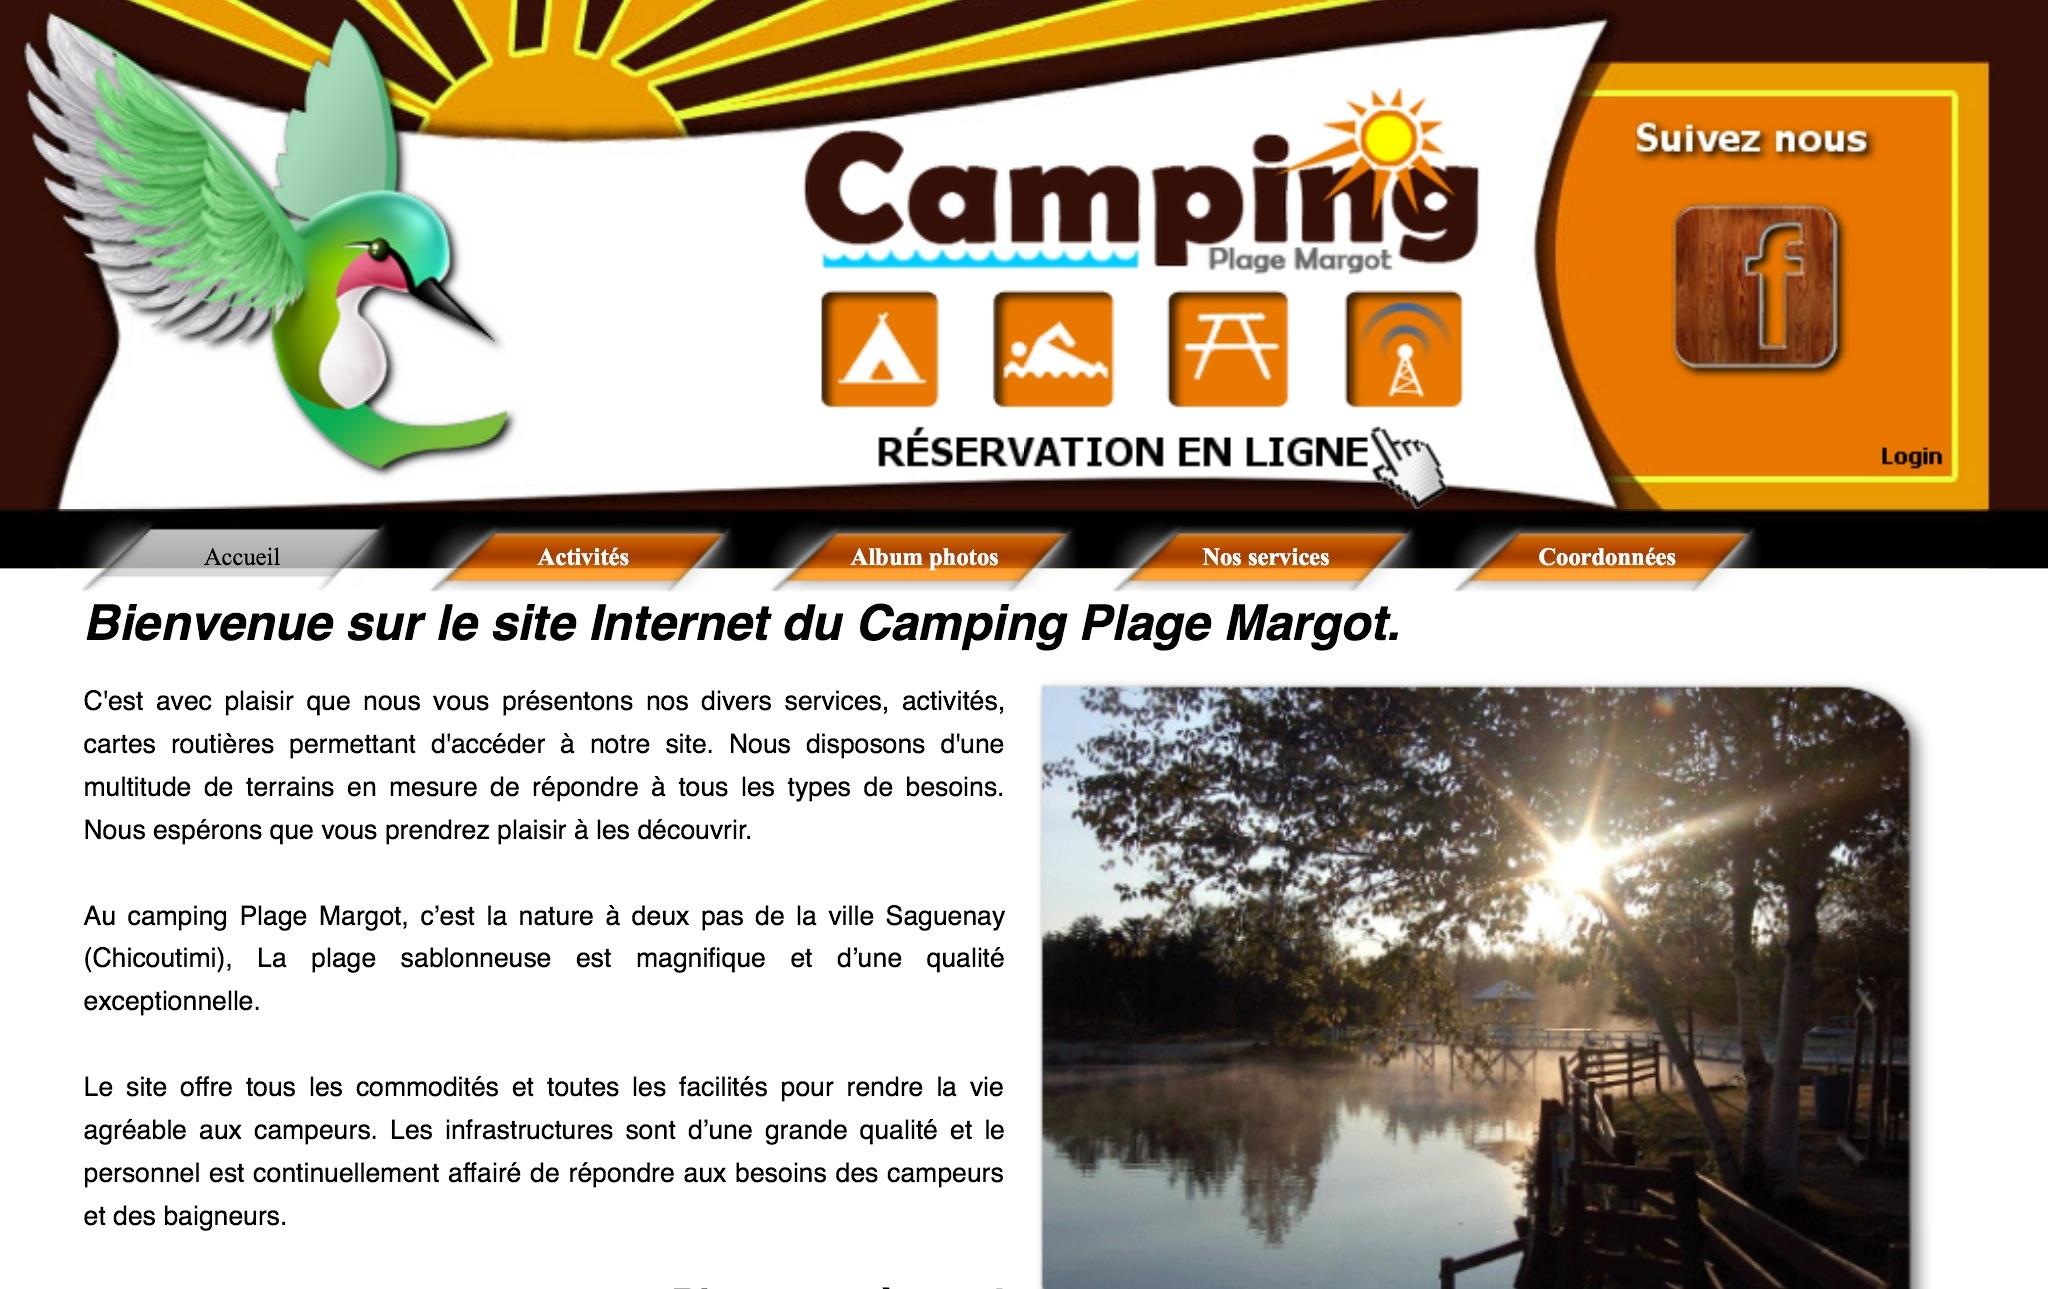 Camping, Plage Margot